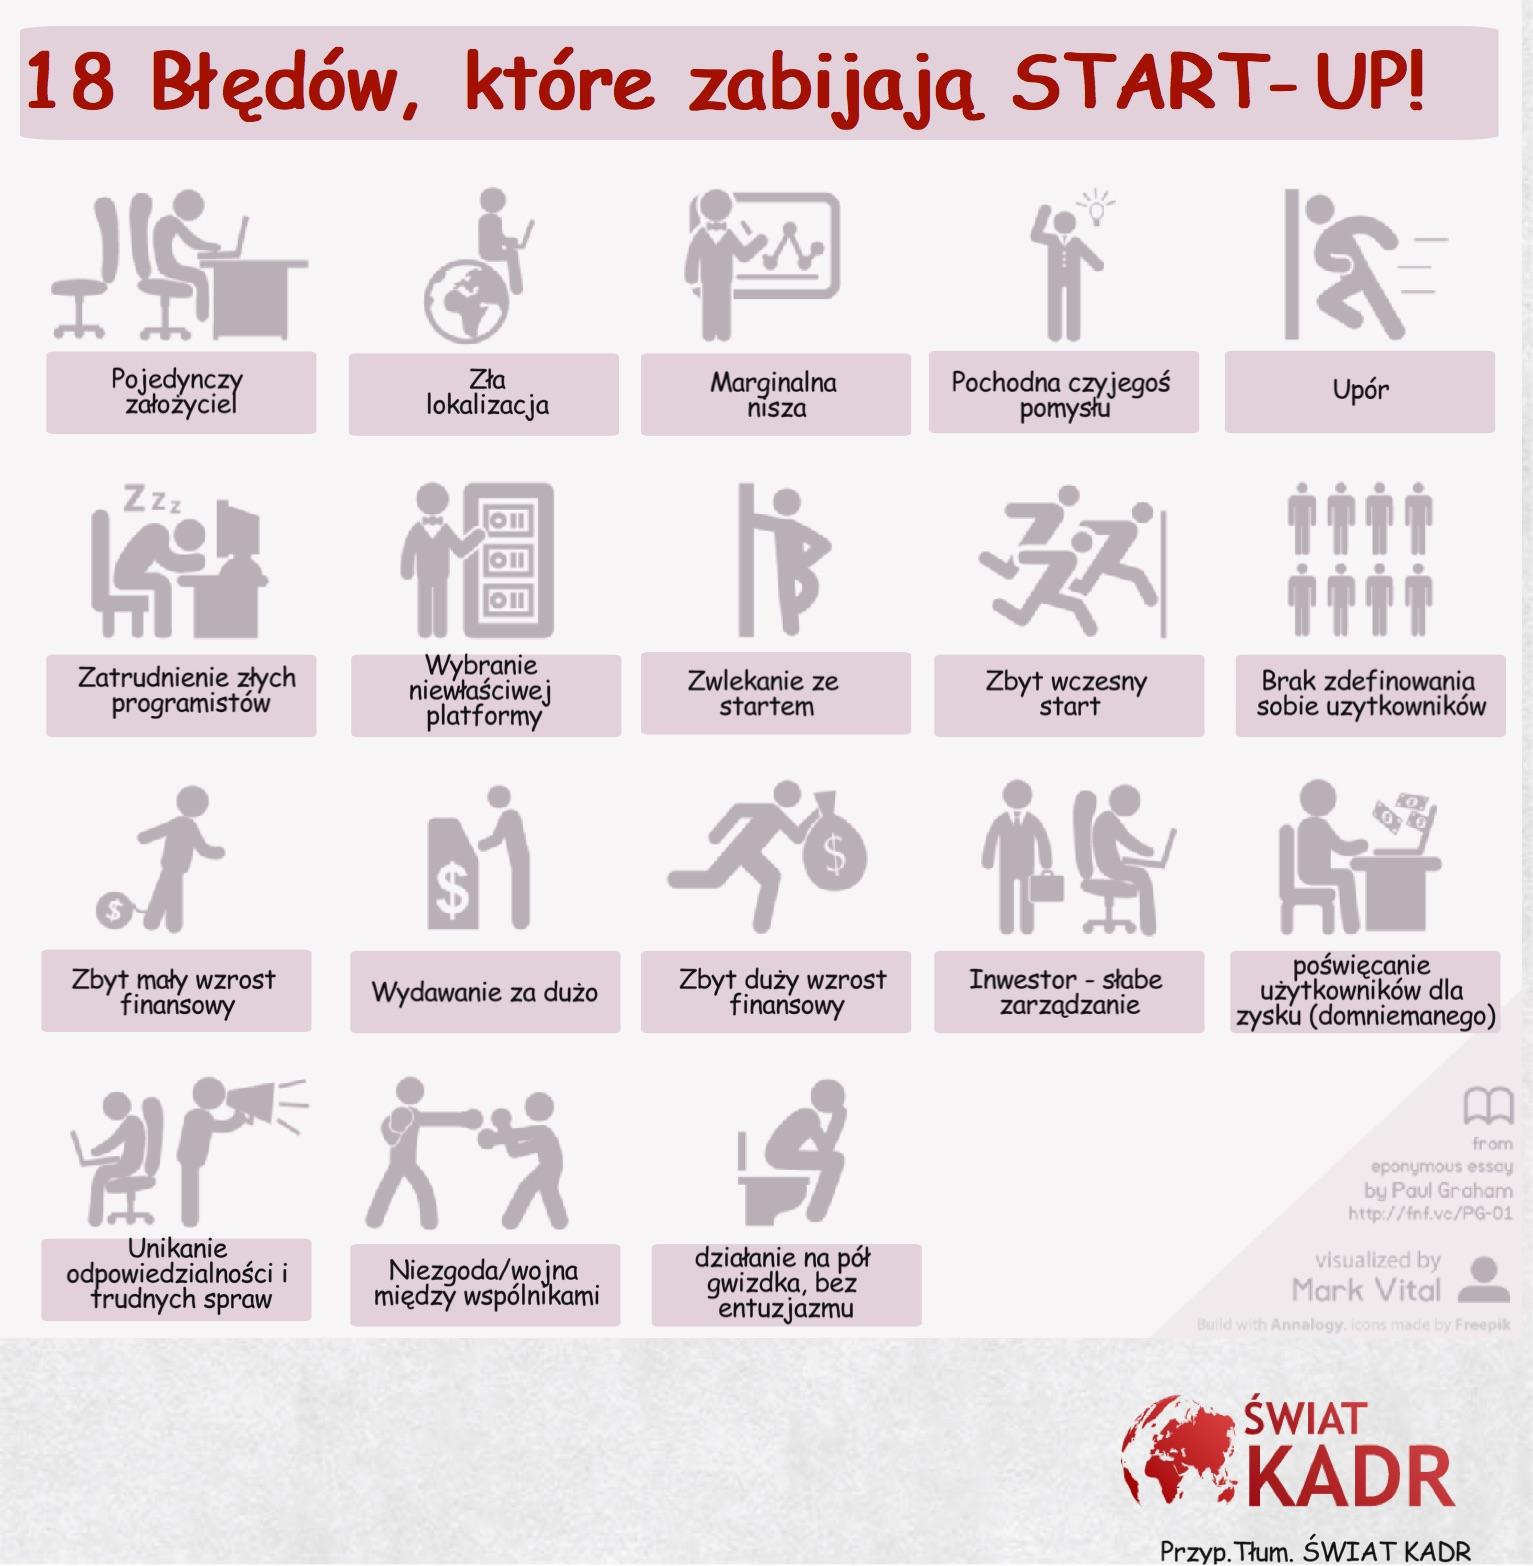 18 błędów, które zabijają START-upy by Mark Vital